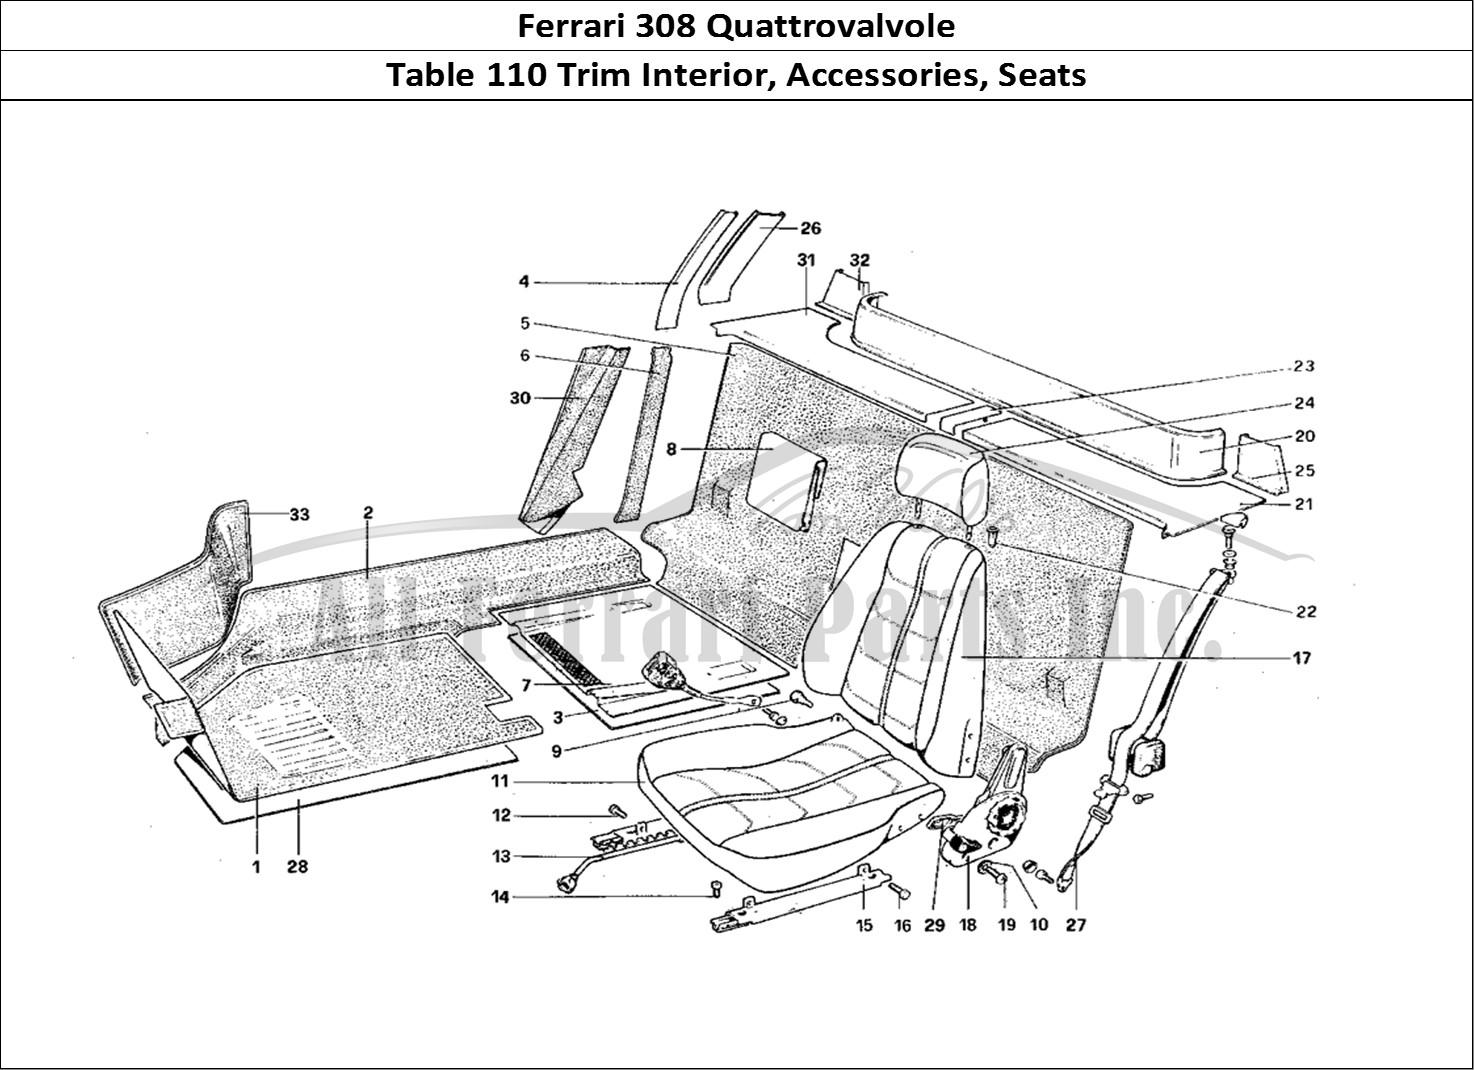 Buy original Ferrari 308 Quattrovalvole 110 Trim Interior